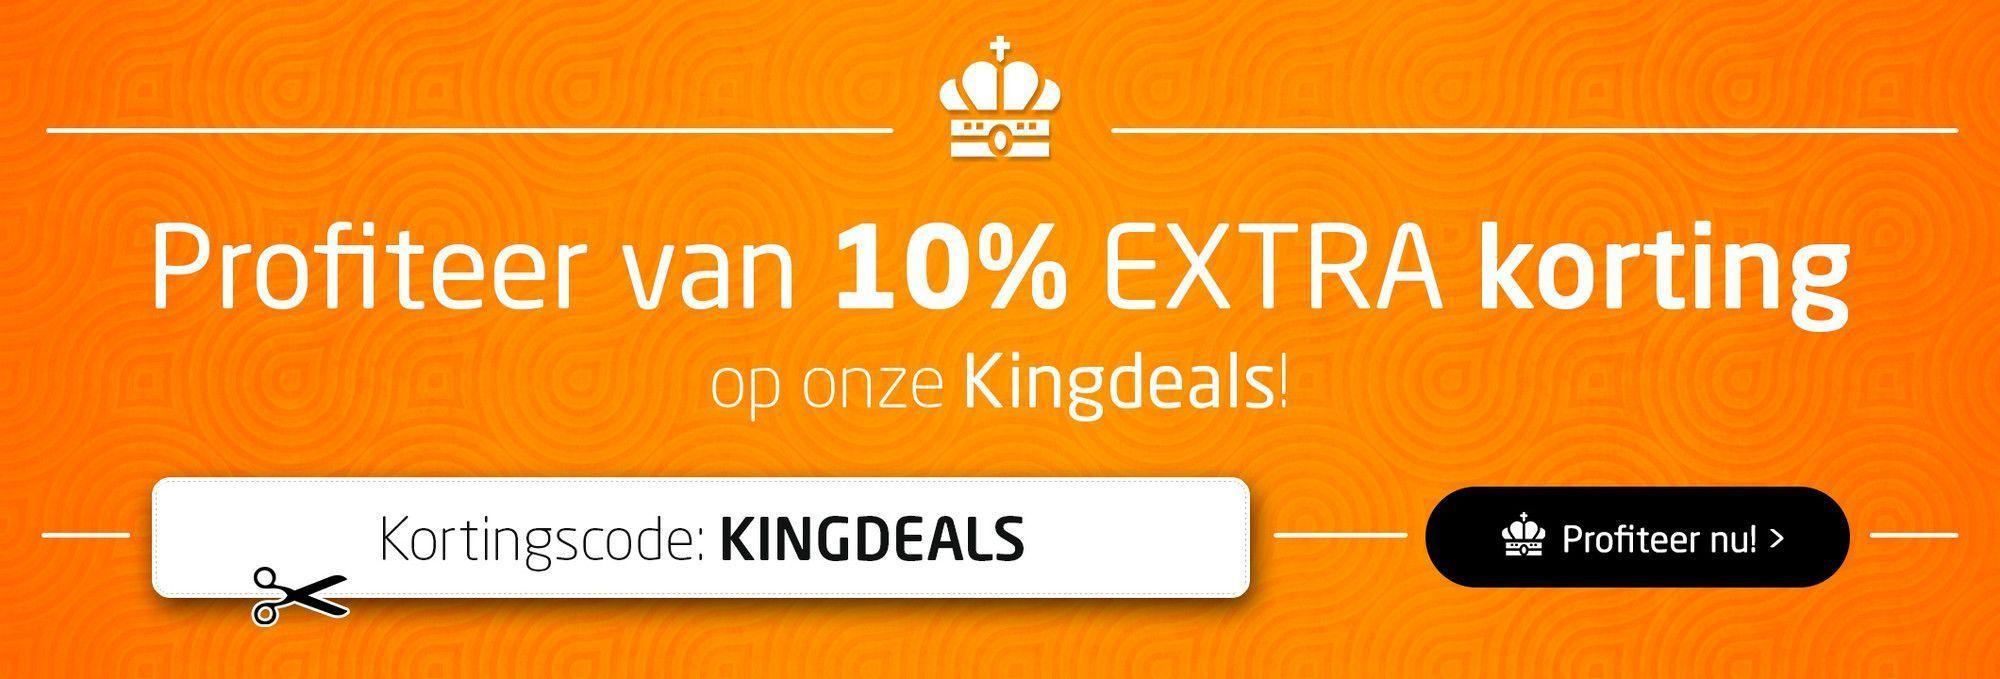 10% EXTRA korting op onze Kingdeals met de kortingscode!